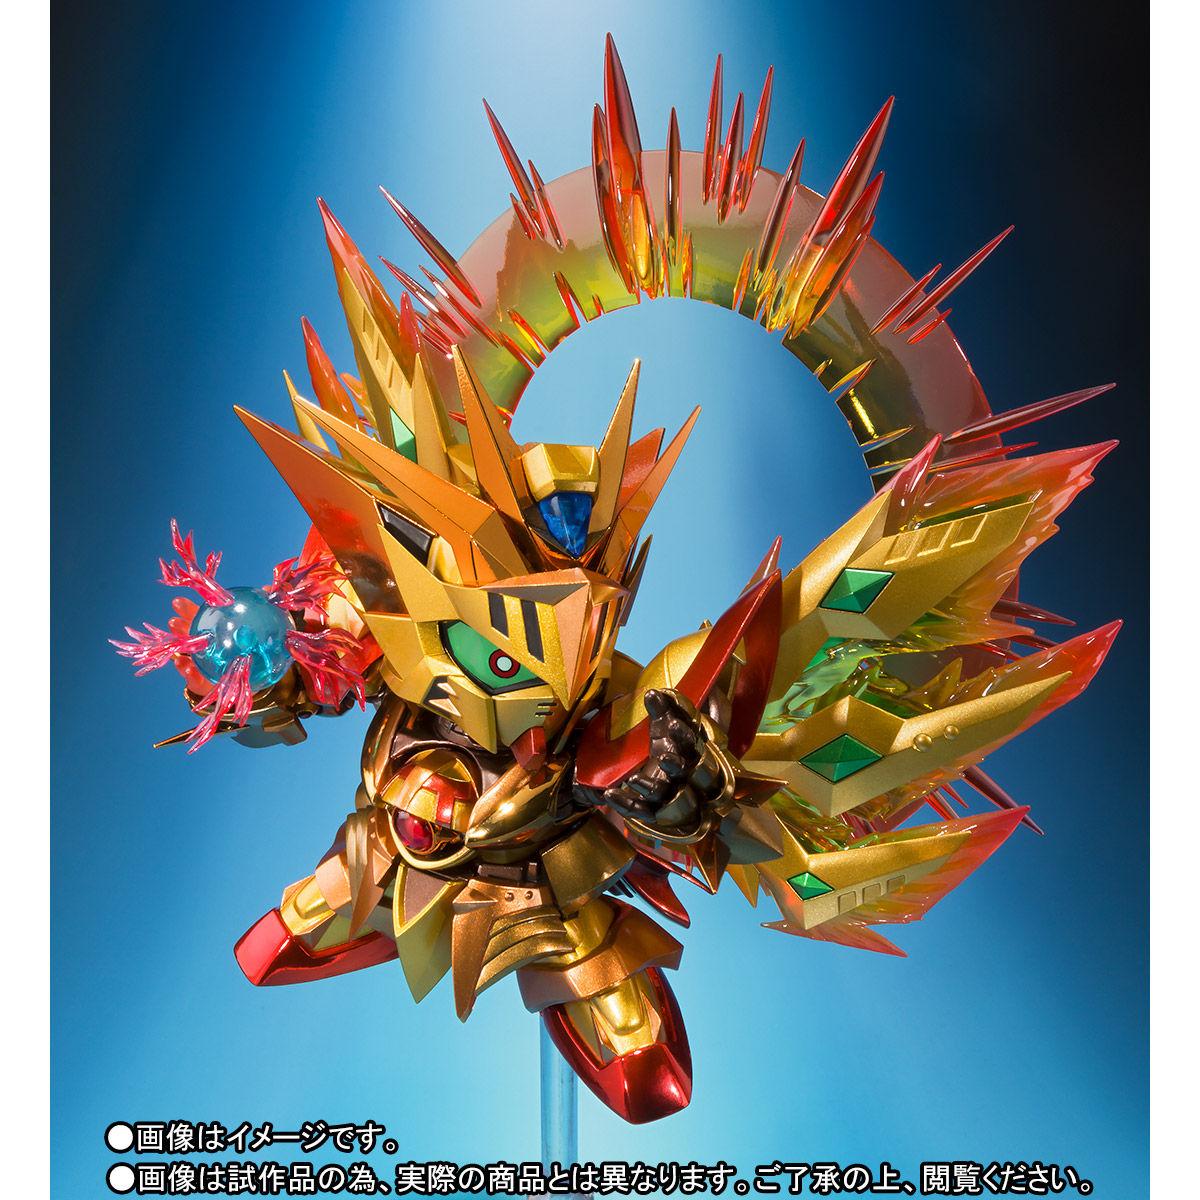 SDX『太陽騎士ゴッドガンダム 明鏡止水ゴールドバージョン』新SDガンダム外伝 可動フィギュア-004